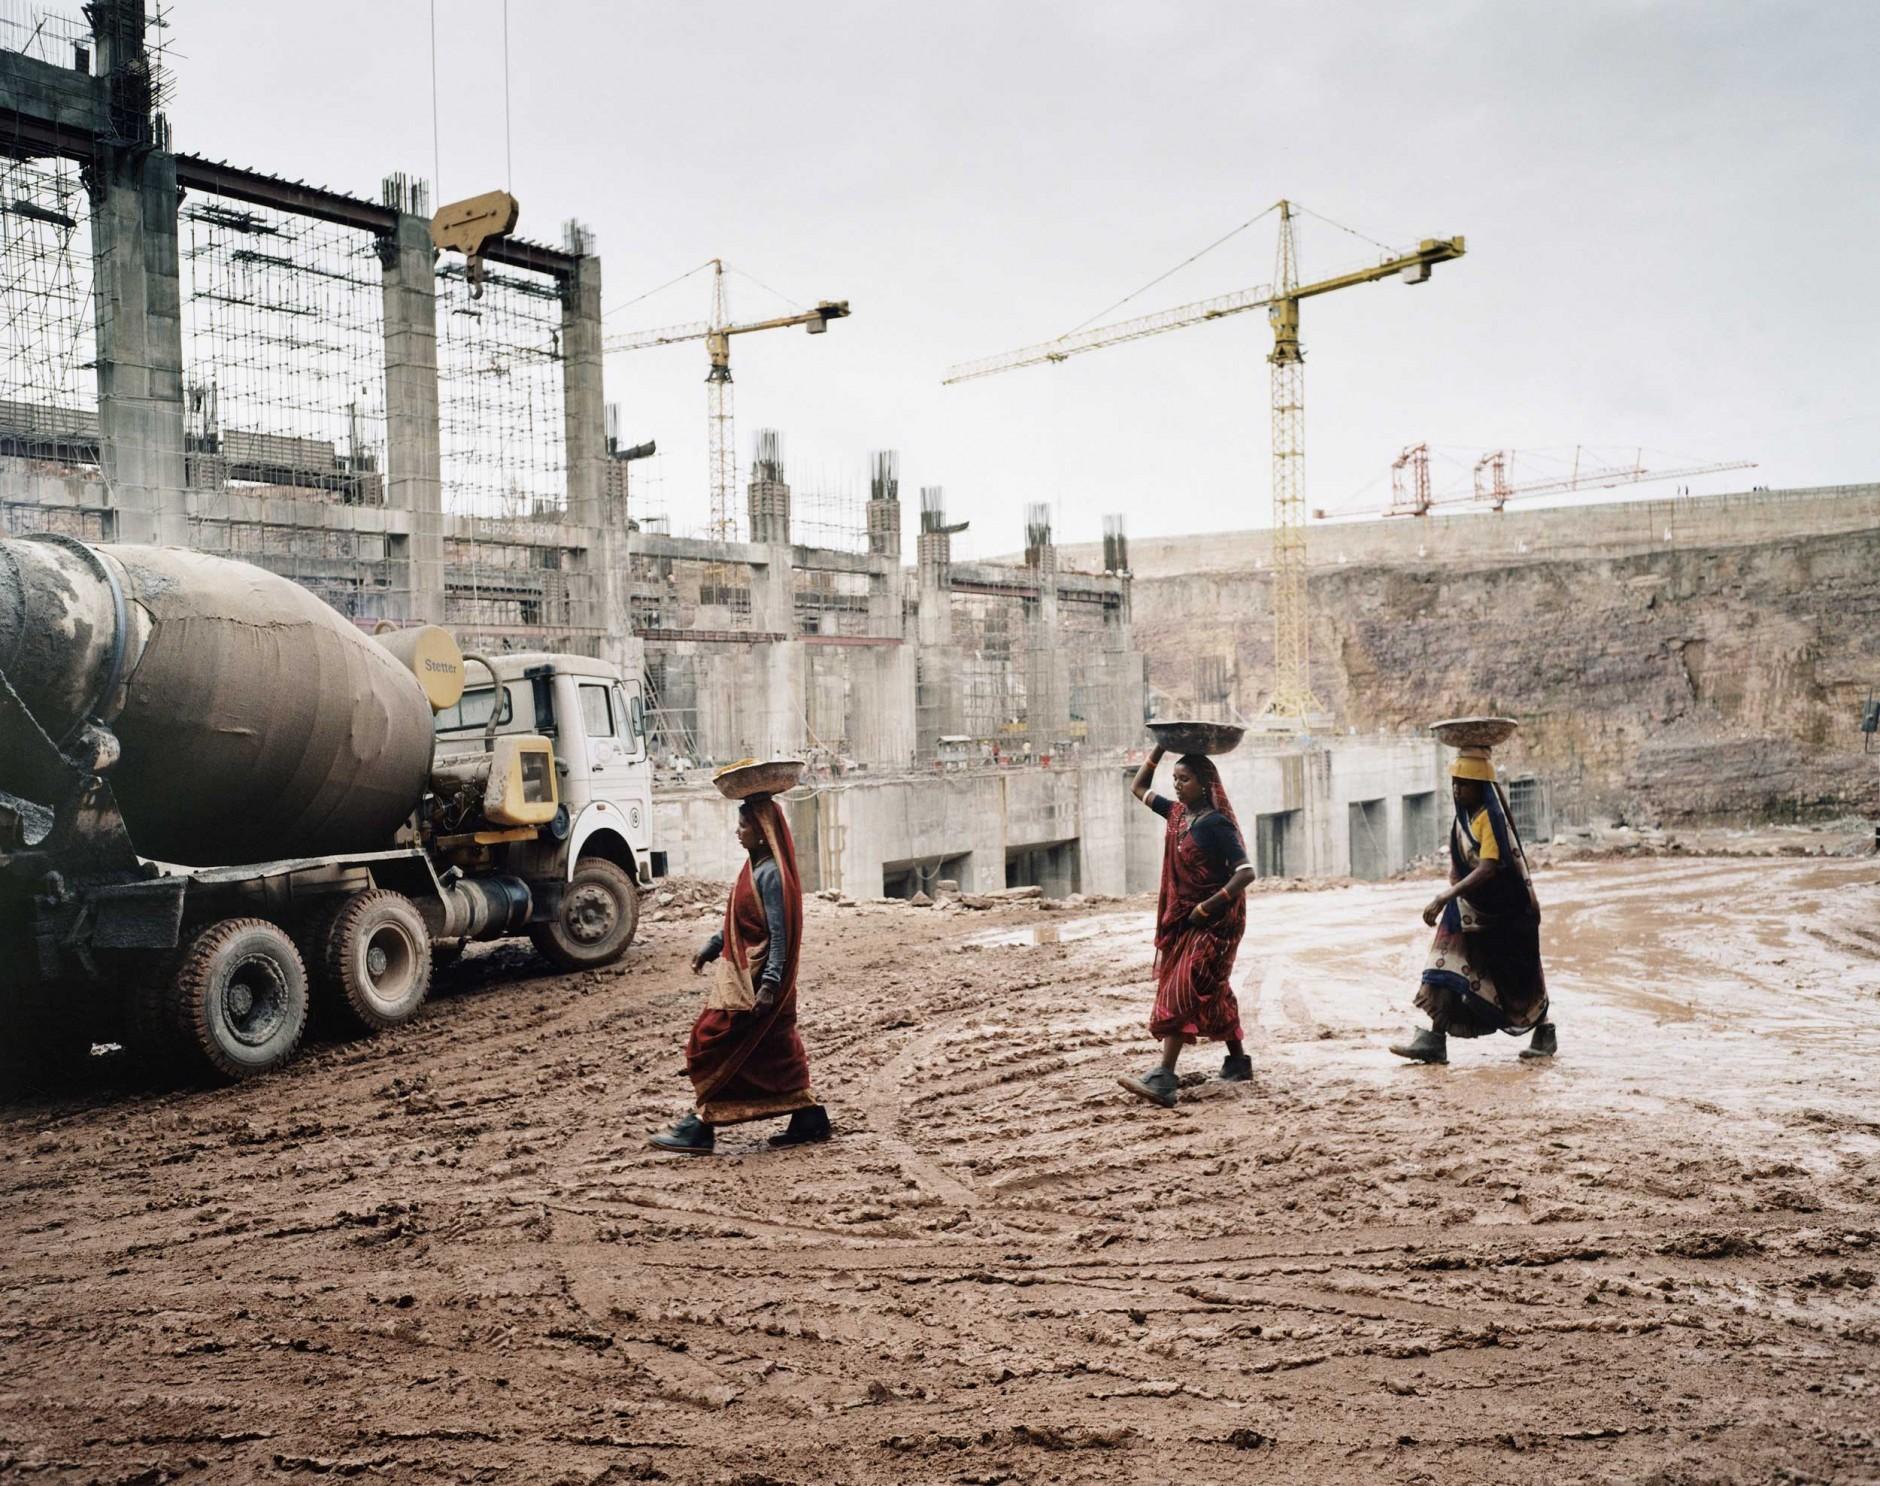 Workers at Hydro Power Site India von Rüdiger Nehmzow für Voith Hydro